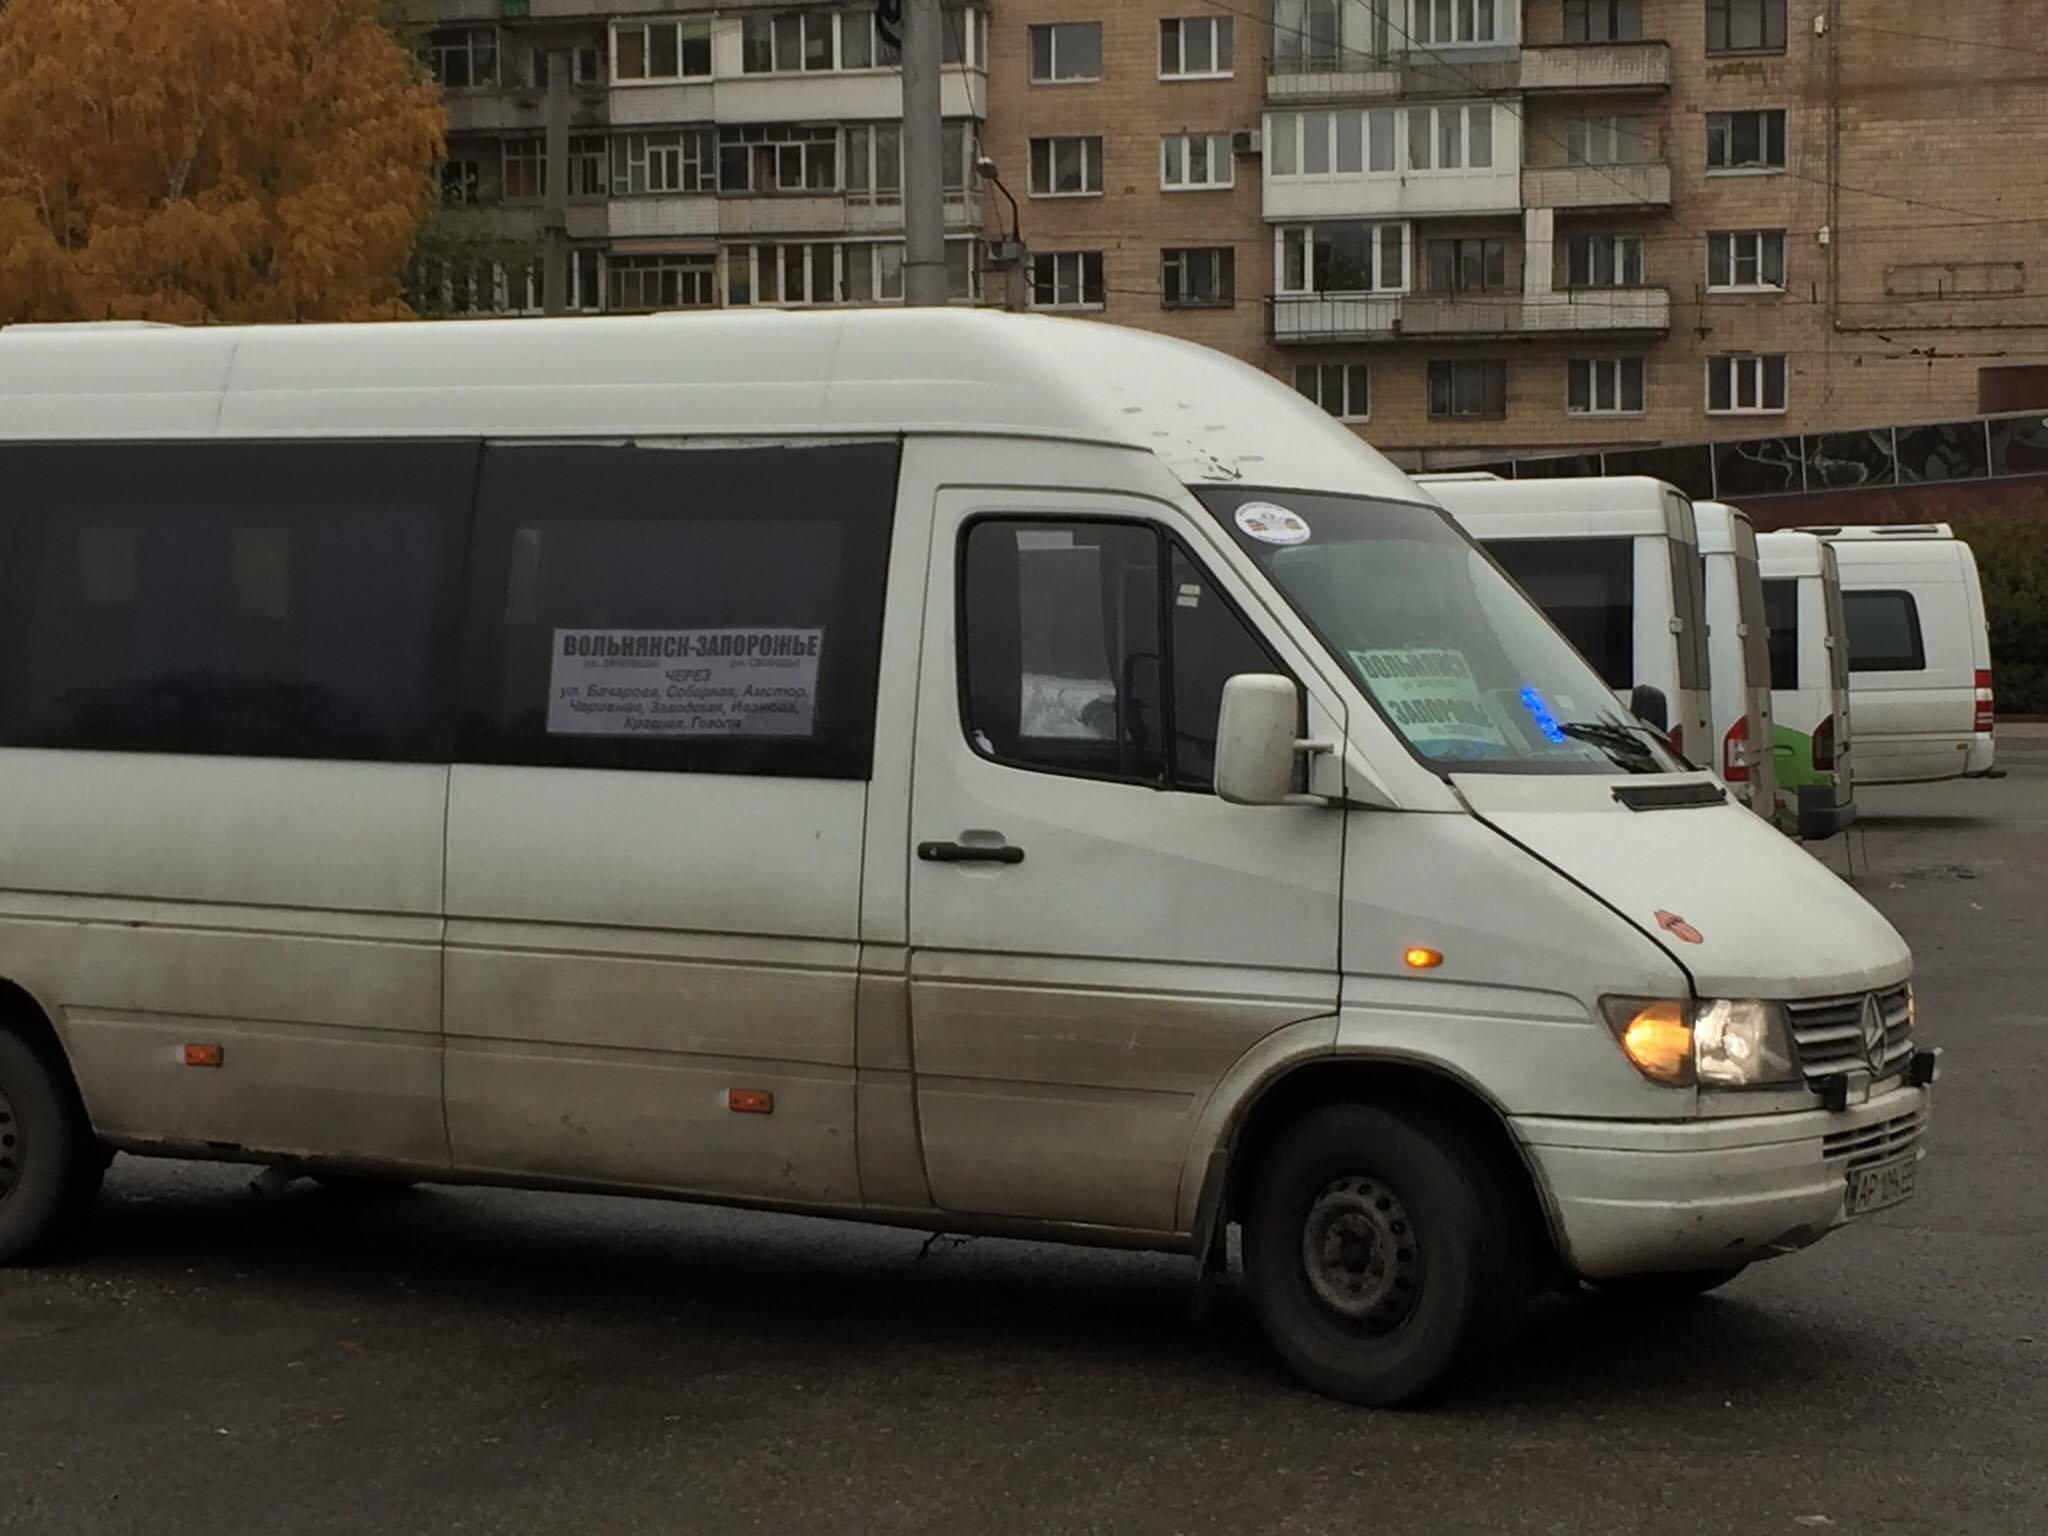 Перевозчик уволил водителя маршрутки, из-за которого едва не пострадали пассажиры - ВИДЕО